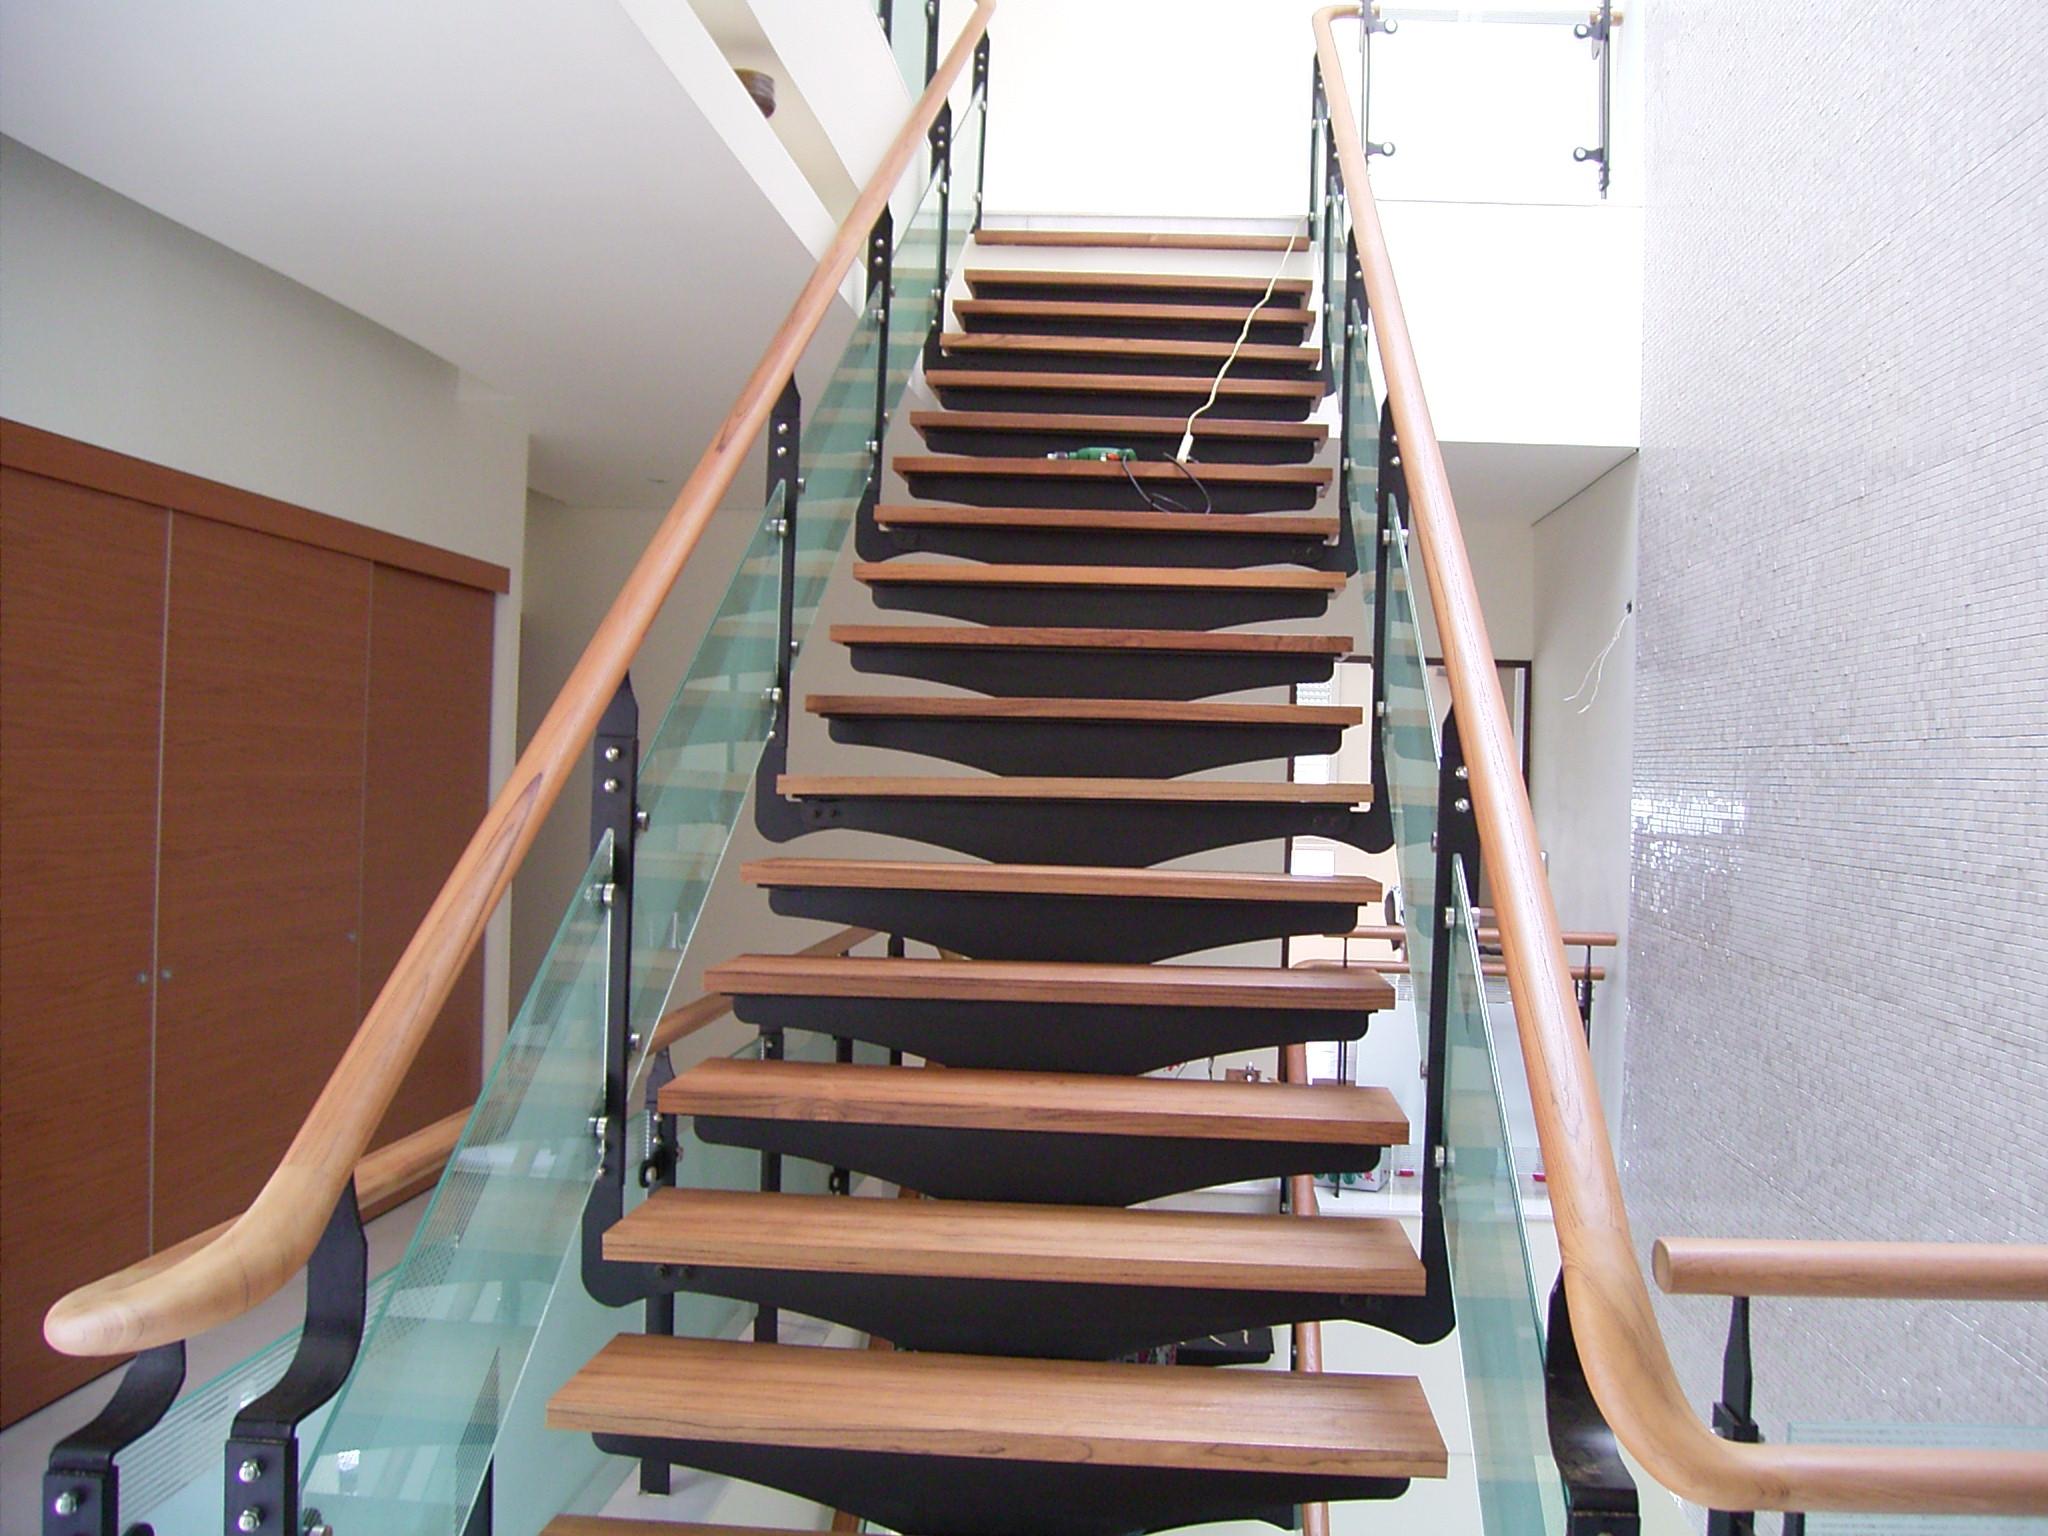 新原古-緬甸柚木樓梯踏板浮雕處理/緬甸柚木扶手